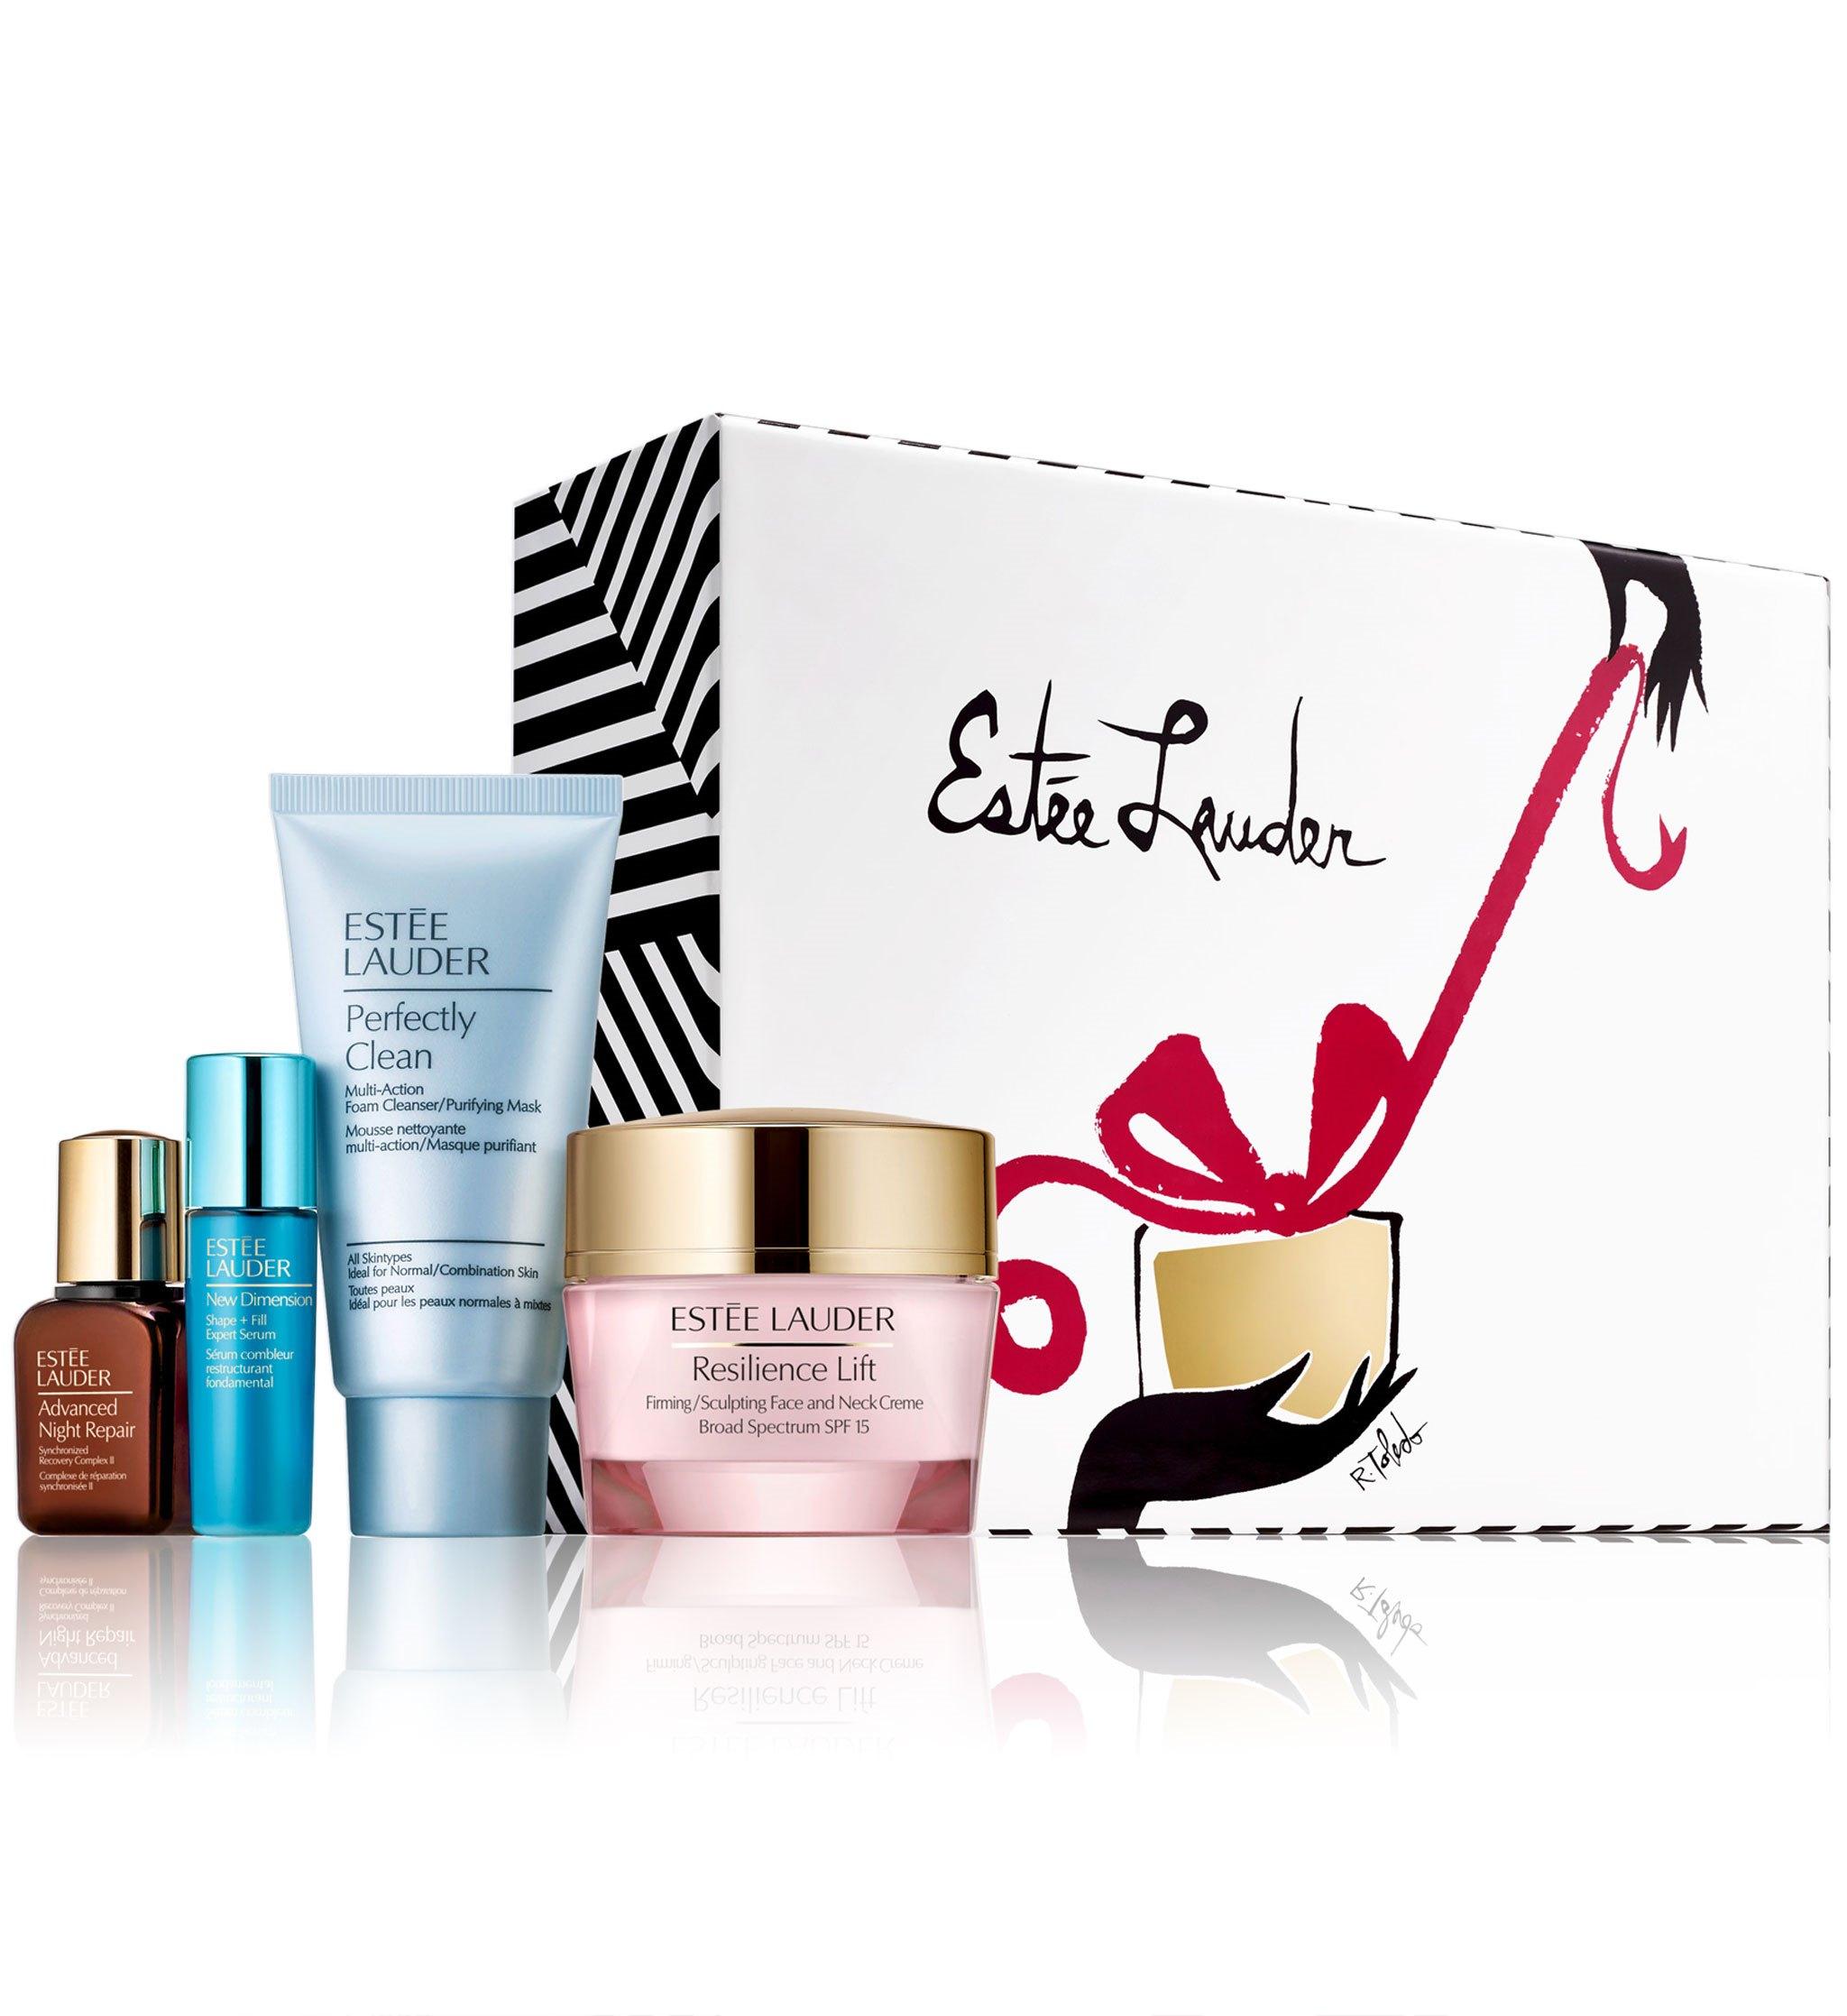 Идеальный подарок от Estee Lauder ко Дню Валентина: коробочка Resilience